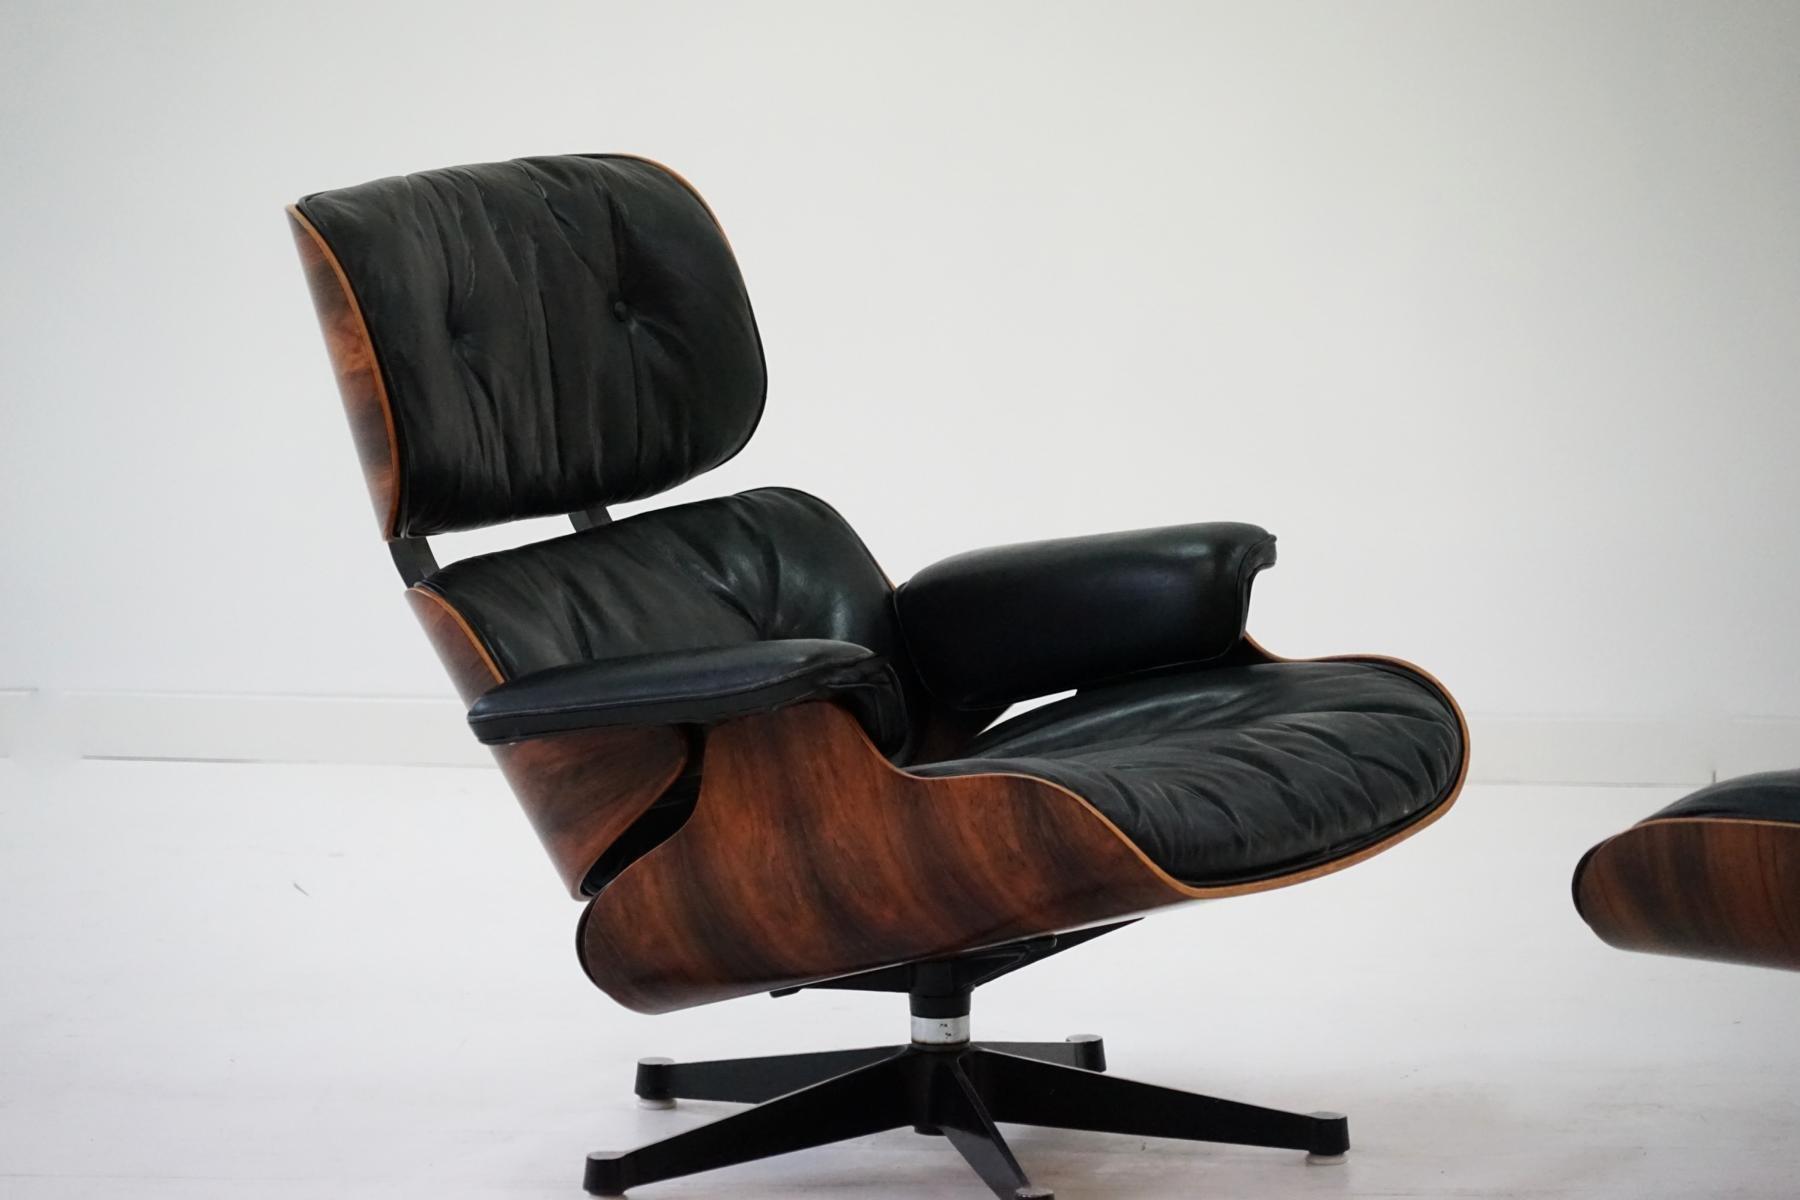 sessel und ottomane von charles und ray eames f r herman. Black Bedroom Furniture Sets. Home Design Ideas